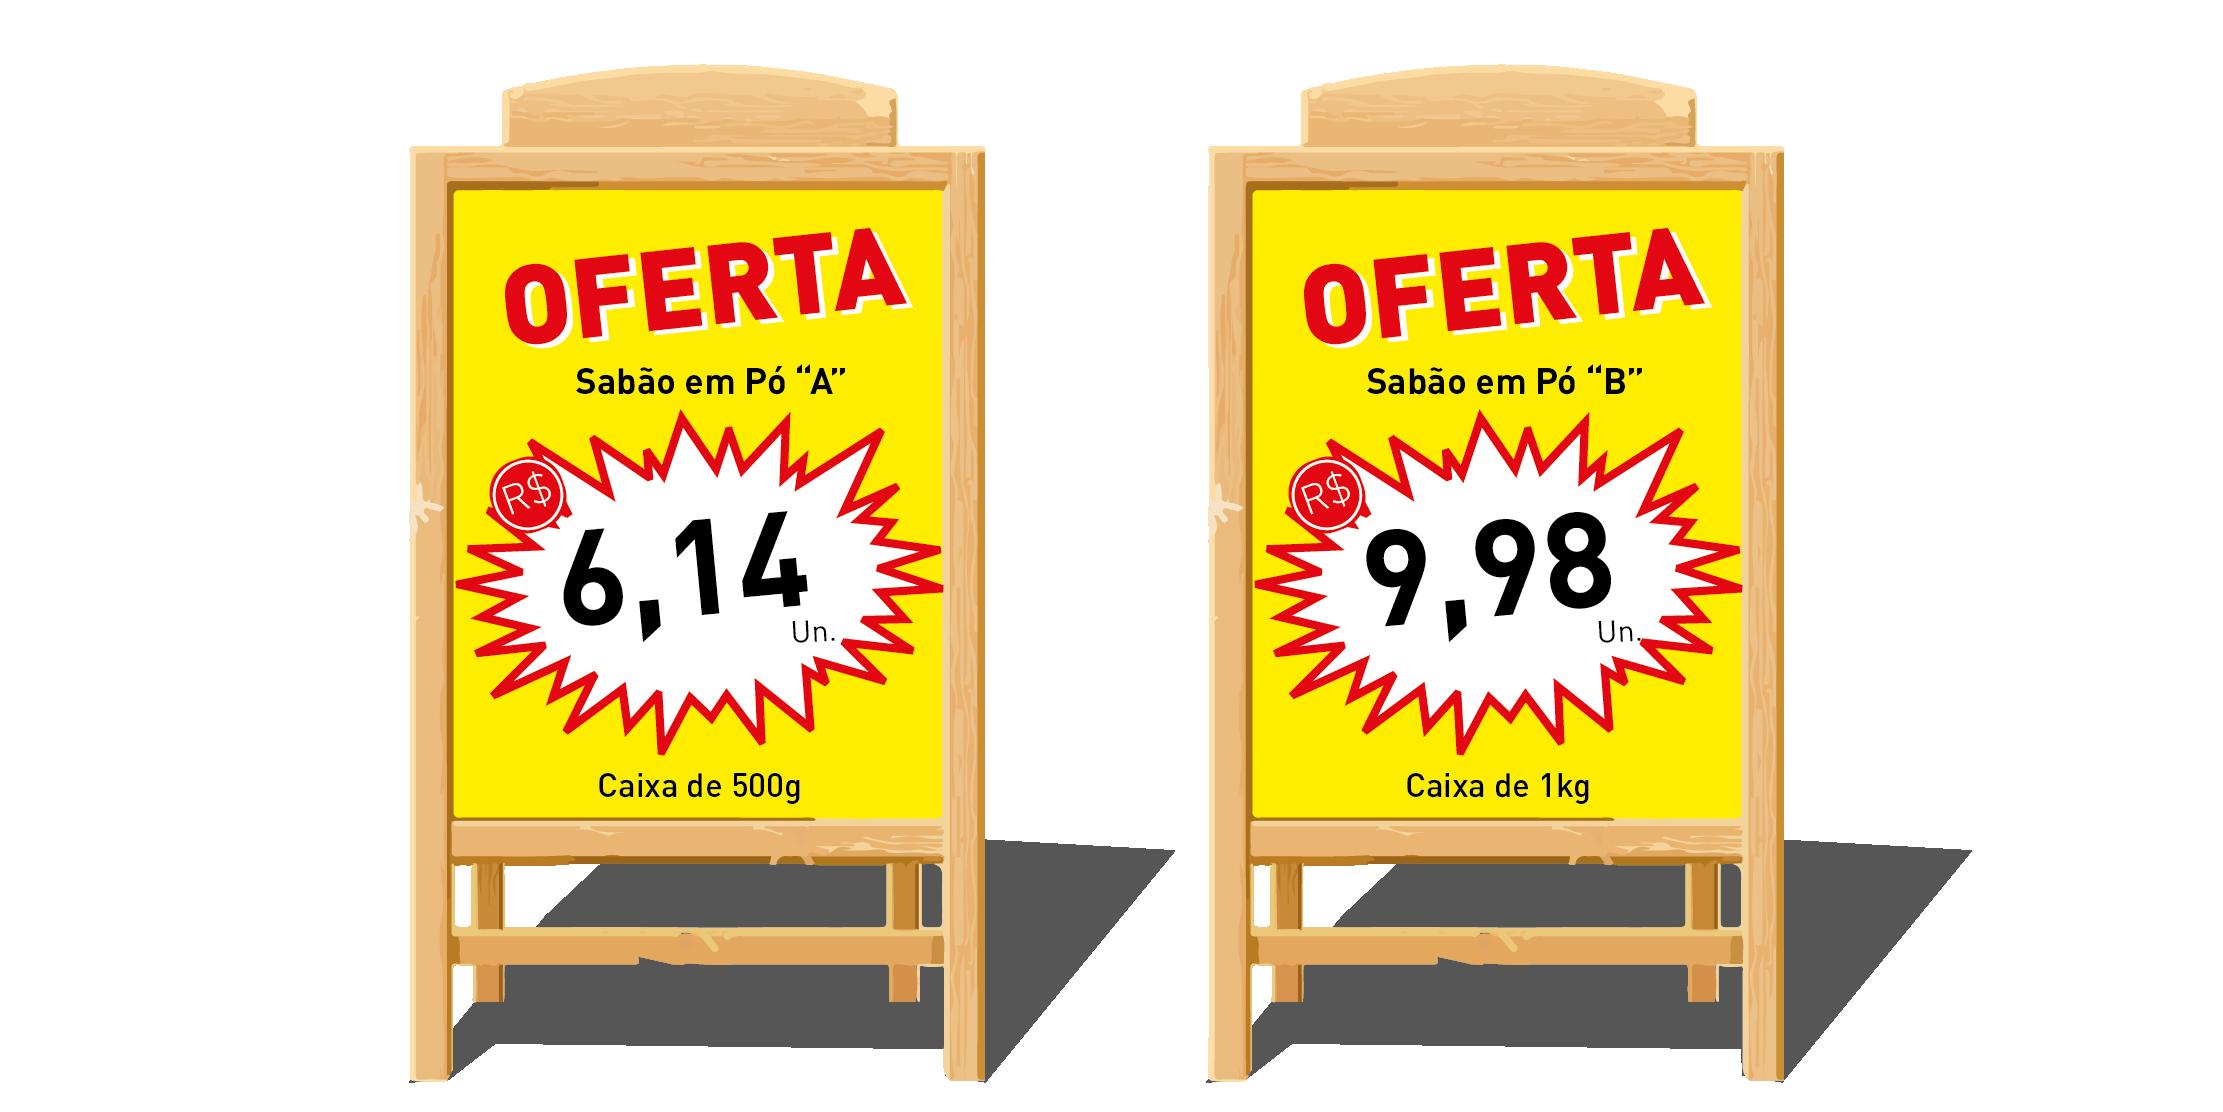 Dica de controle financeiro: comparar preços